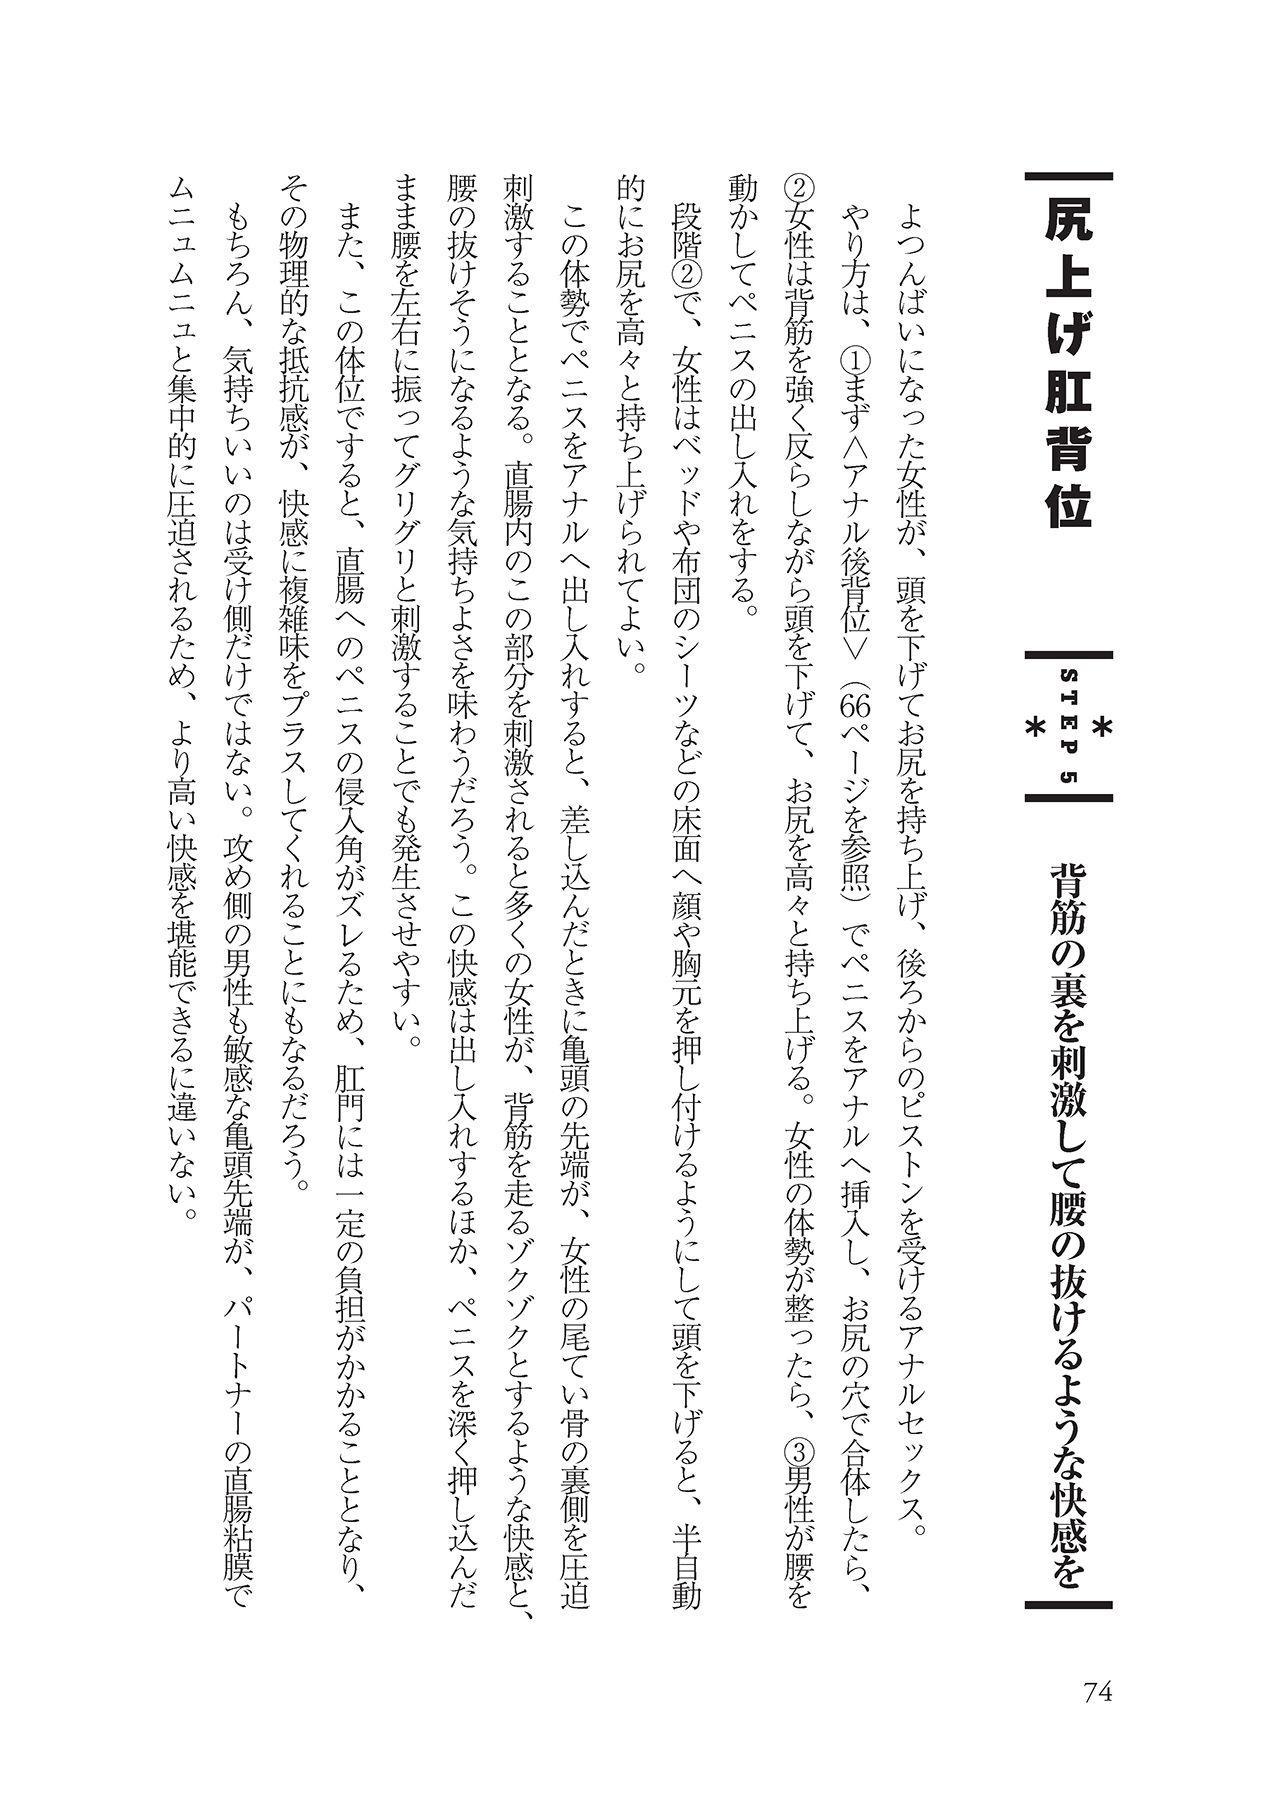 アナル性感開発・お尻エッチ 完全マニュアル 75